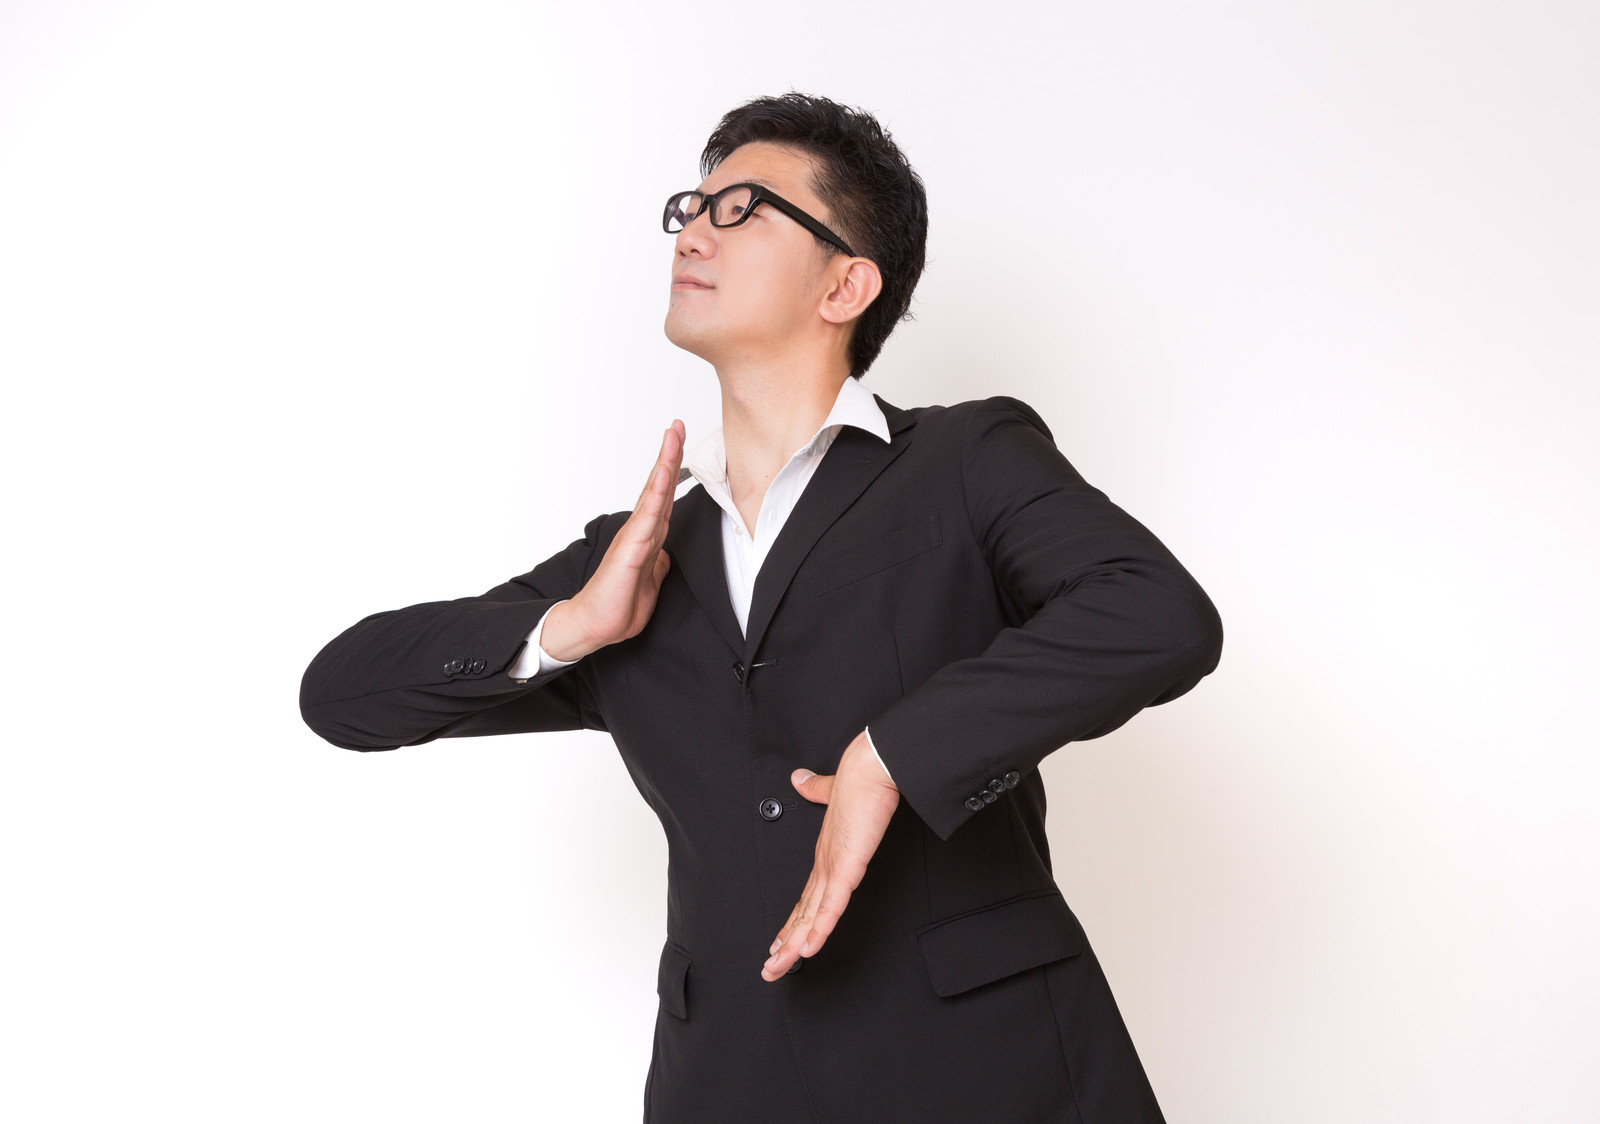 「不思議な踊りをはじめたスーツ姿の眼鏡男子不思議な踊りをはじめたスーツ姿の眼鏡男子」[モデル:ozpa]のフリー写真素材を拡大